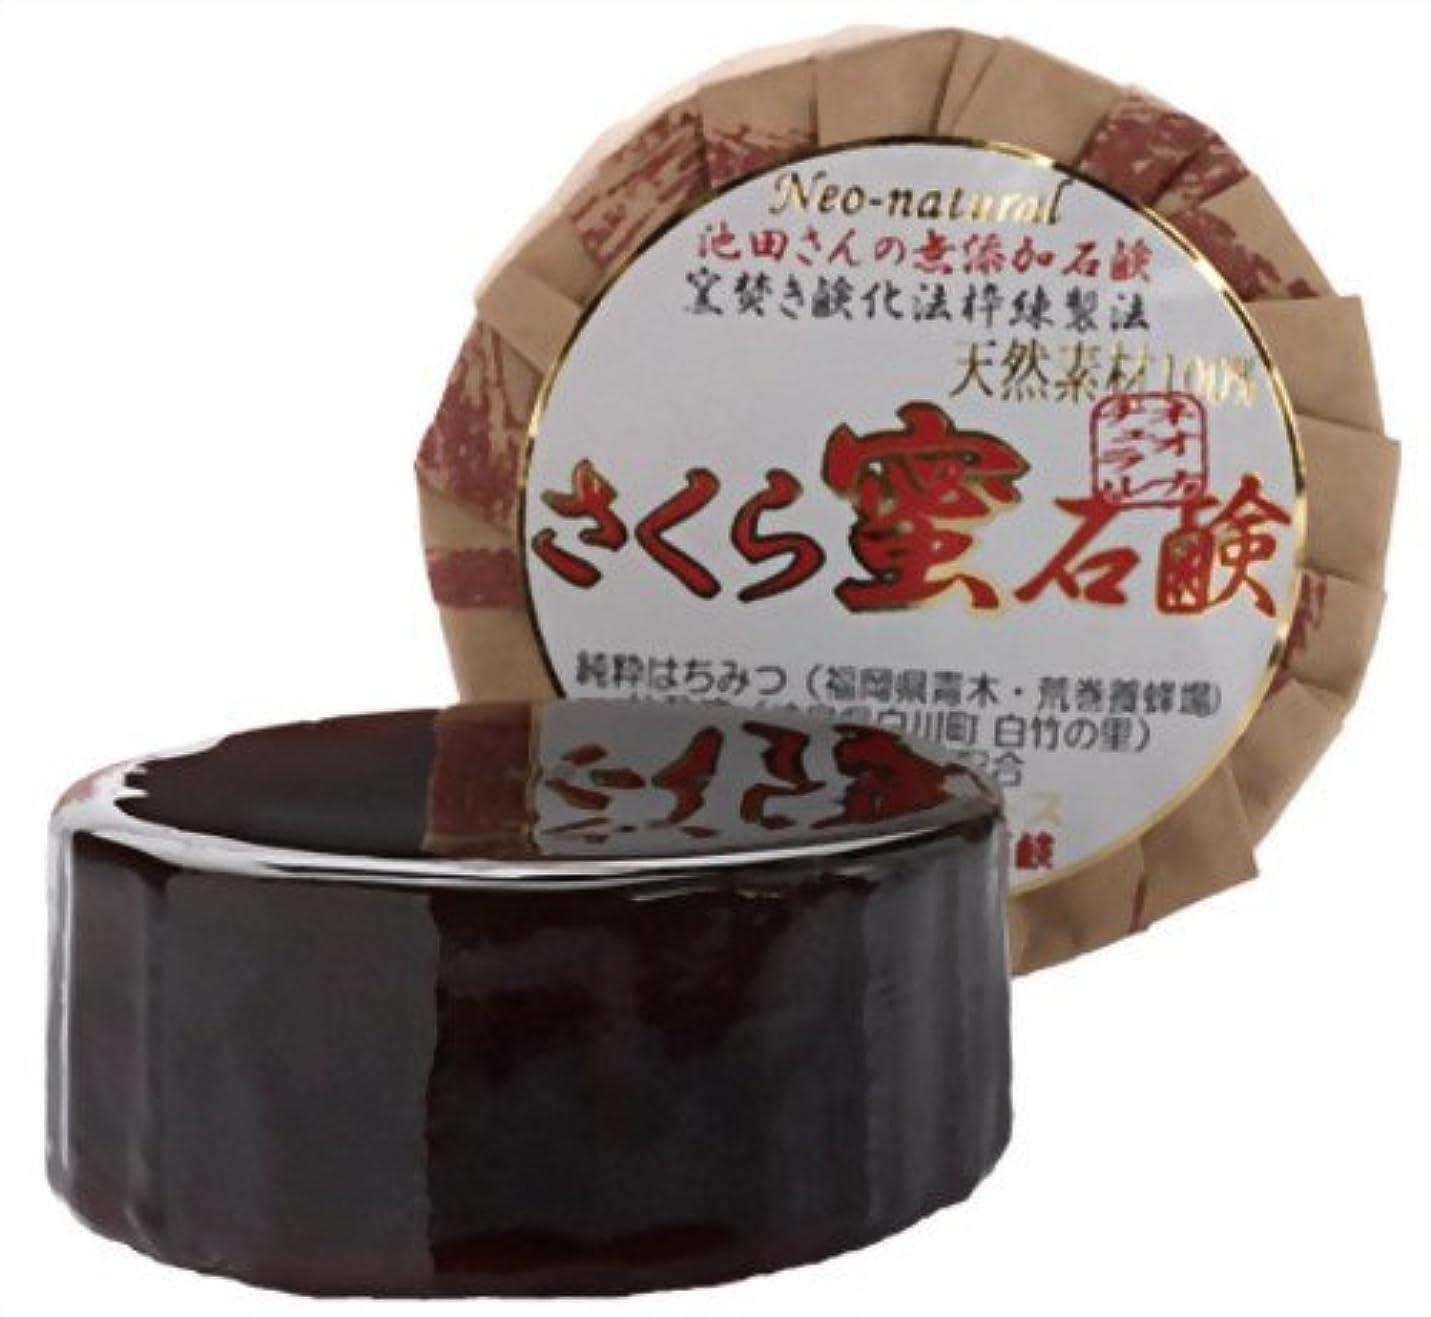 司法セレナミリメートルネオナチュラル 池田さんのさくら蜜石鹸 105g